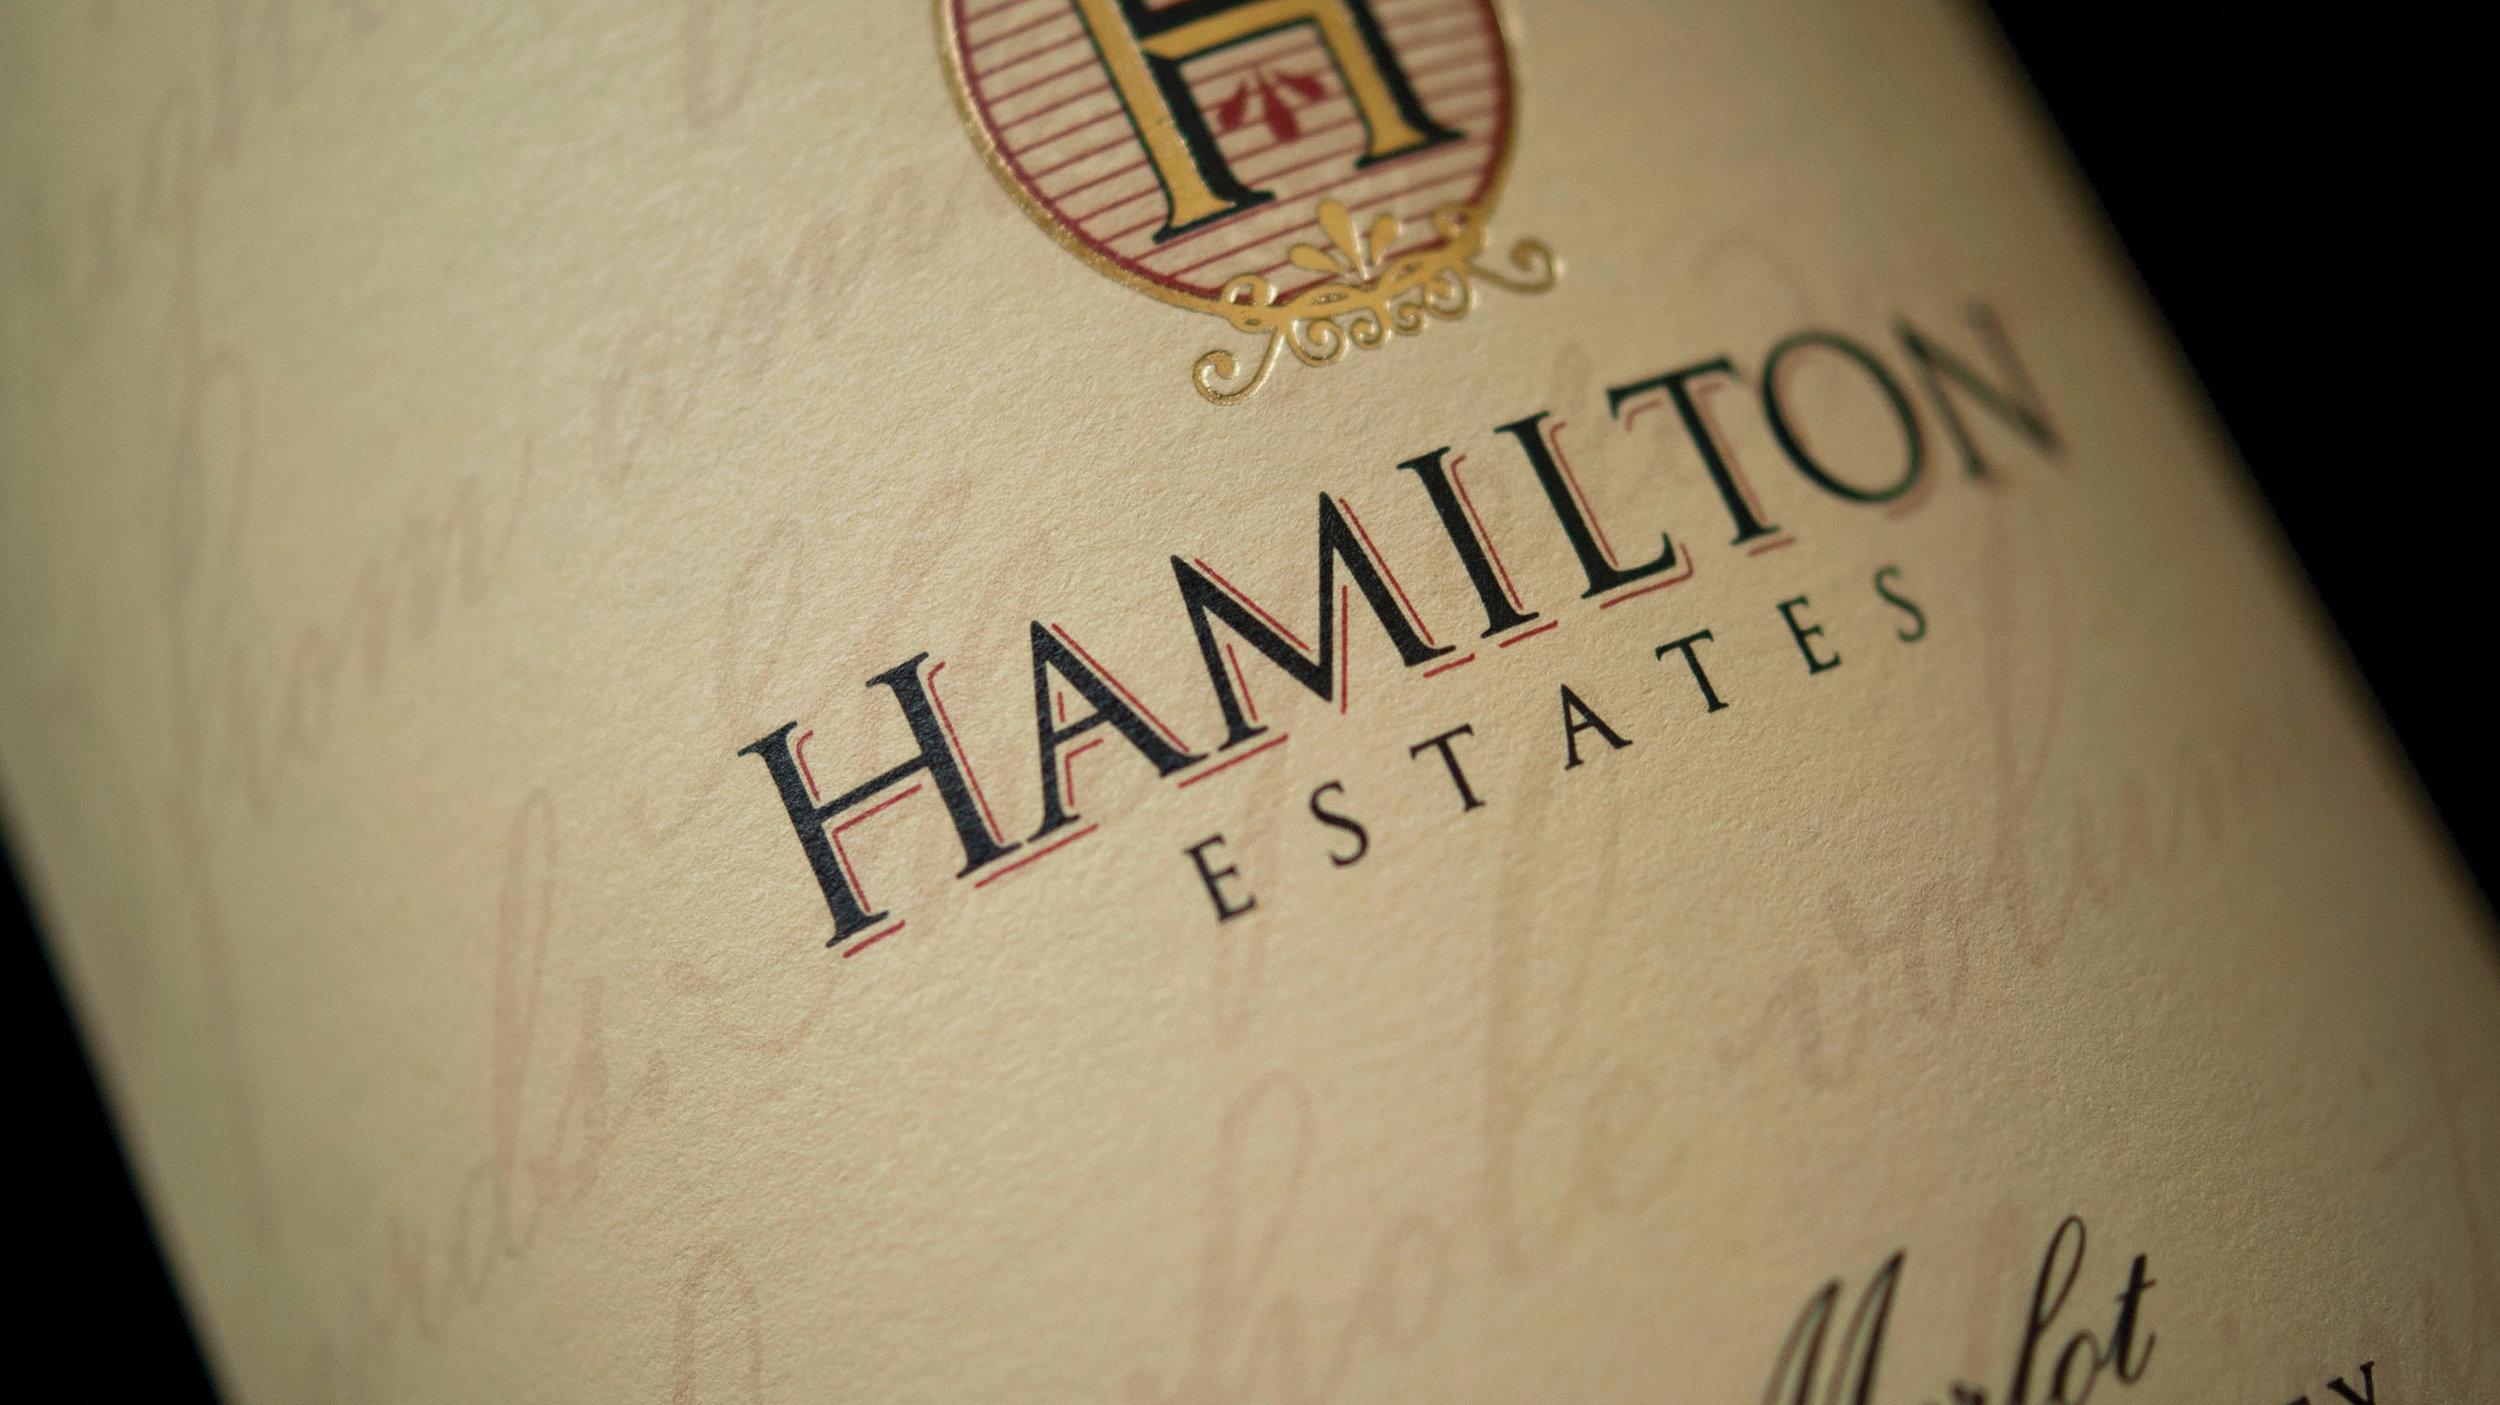 Hamilton Estates | Wine label design